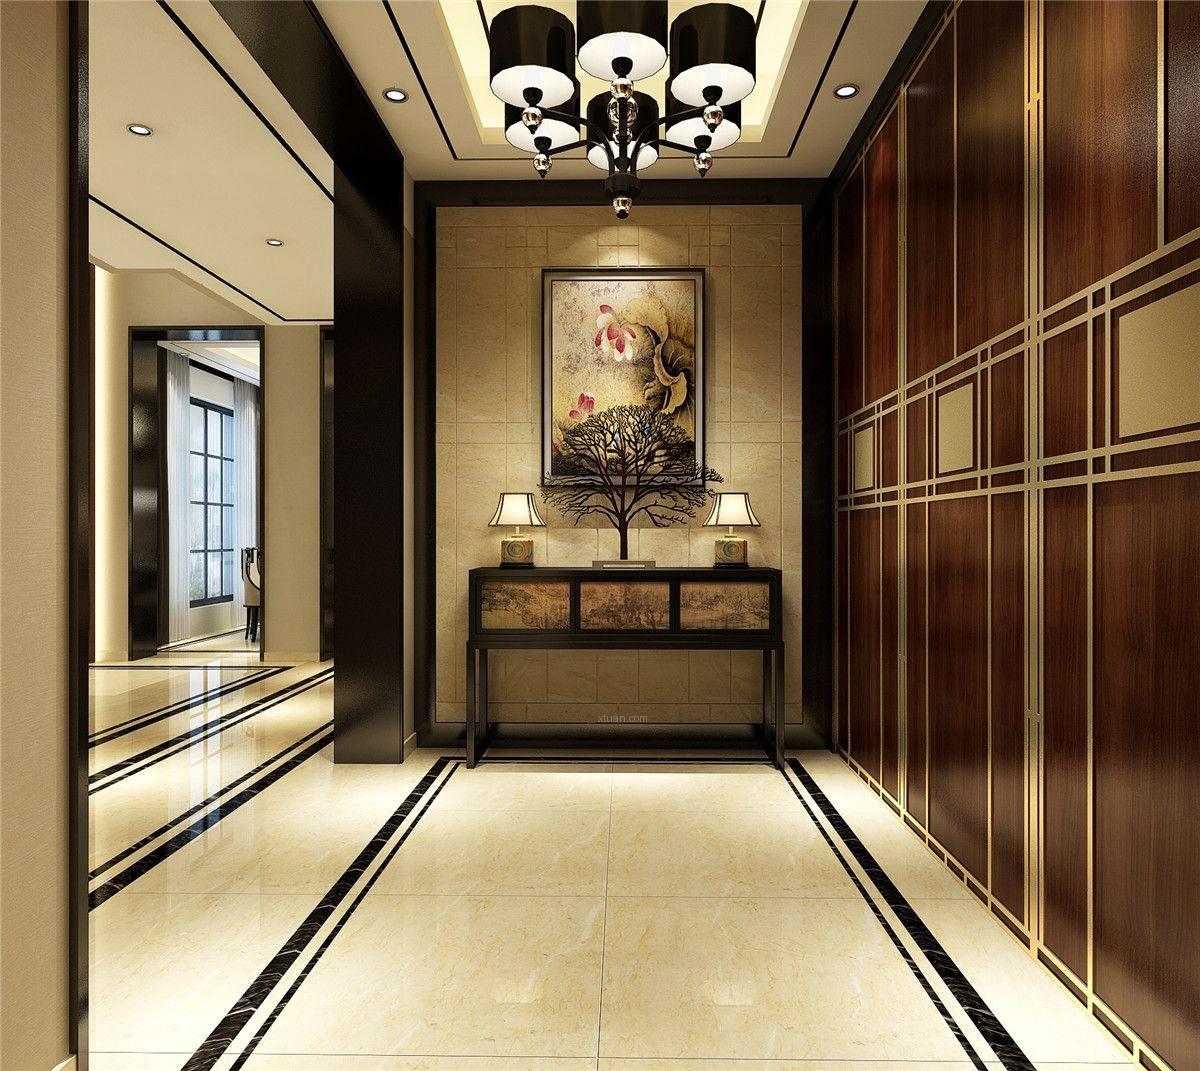 佘山东郡别墅新中式风格设计装修效果图图片